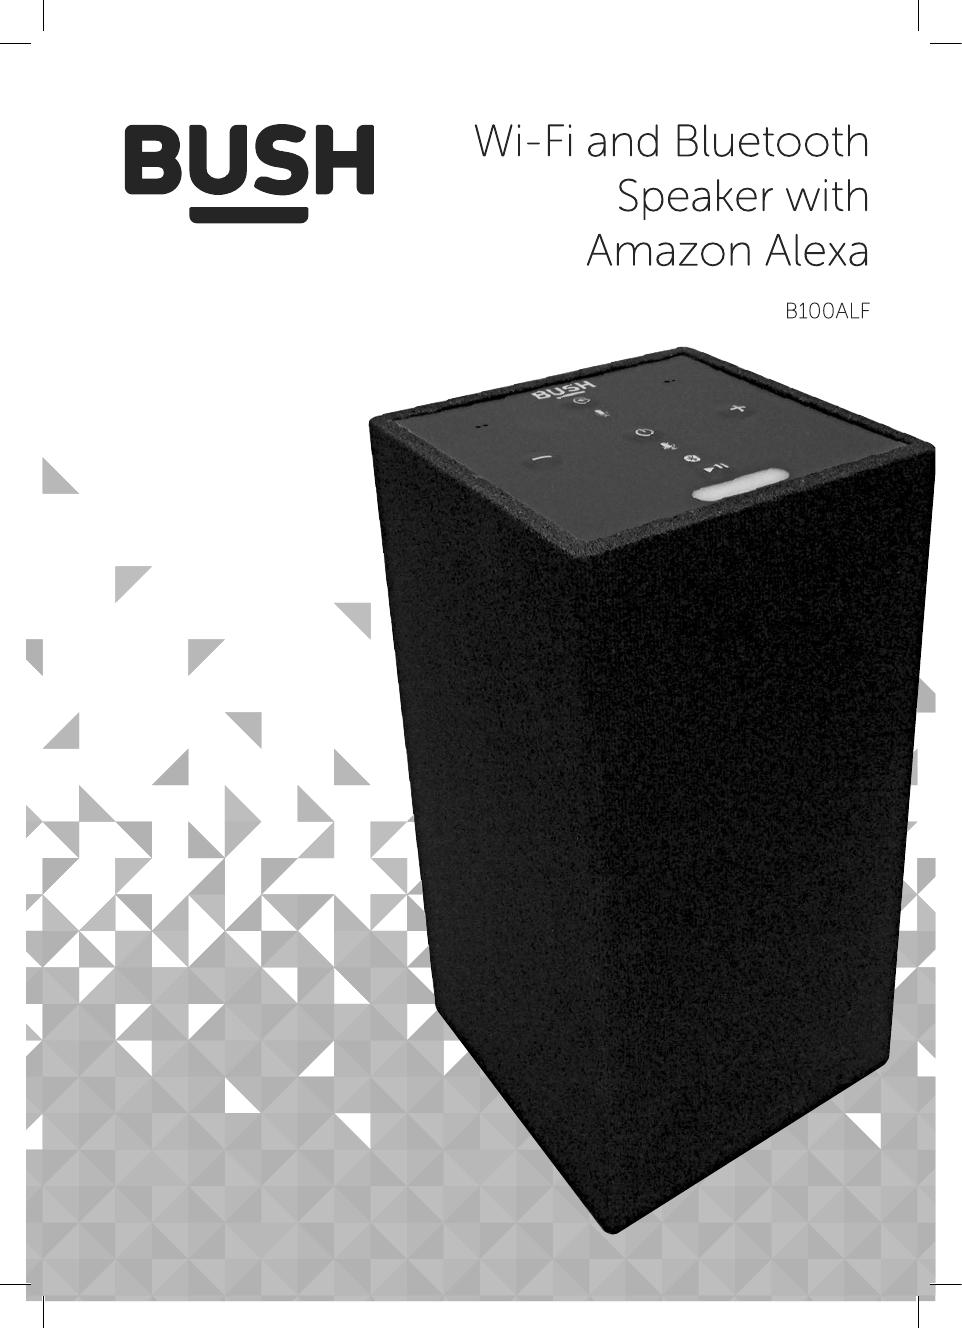 Bush WiFi, WIFI AND BT SPEAKER W AMAZON ALEXA User manual  Manualzz